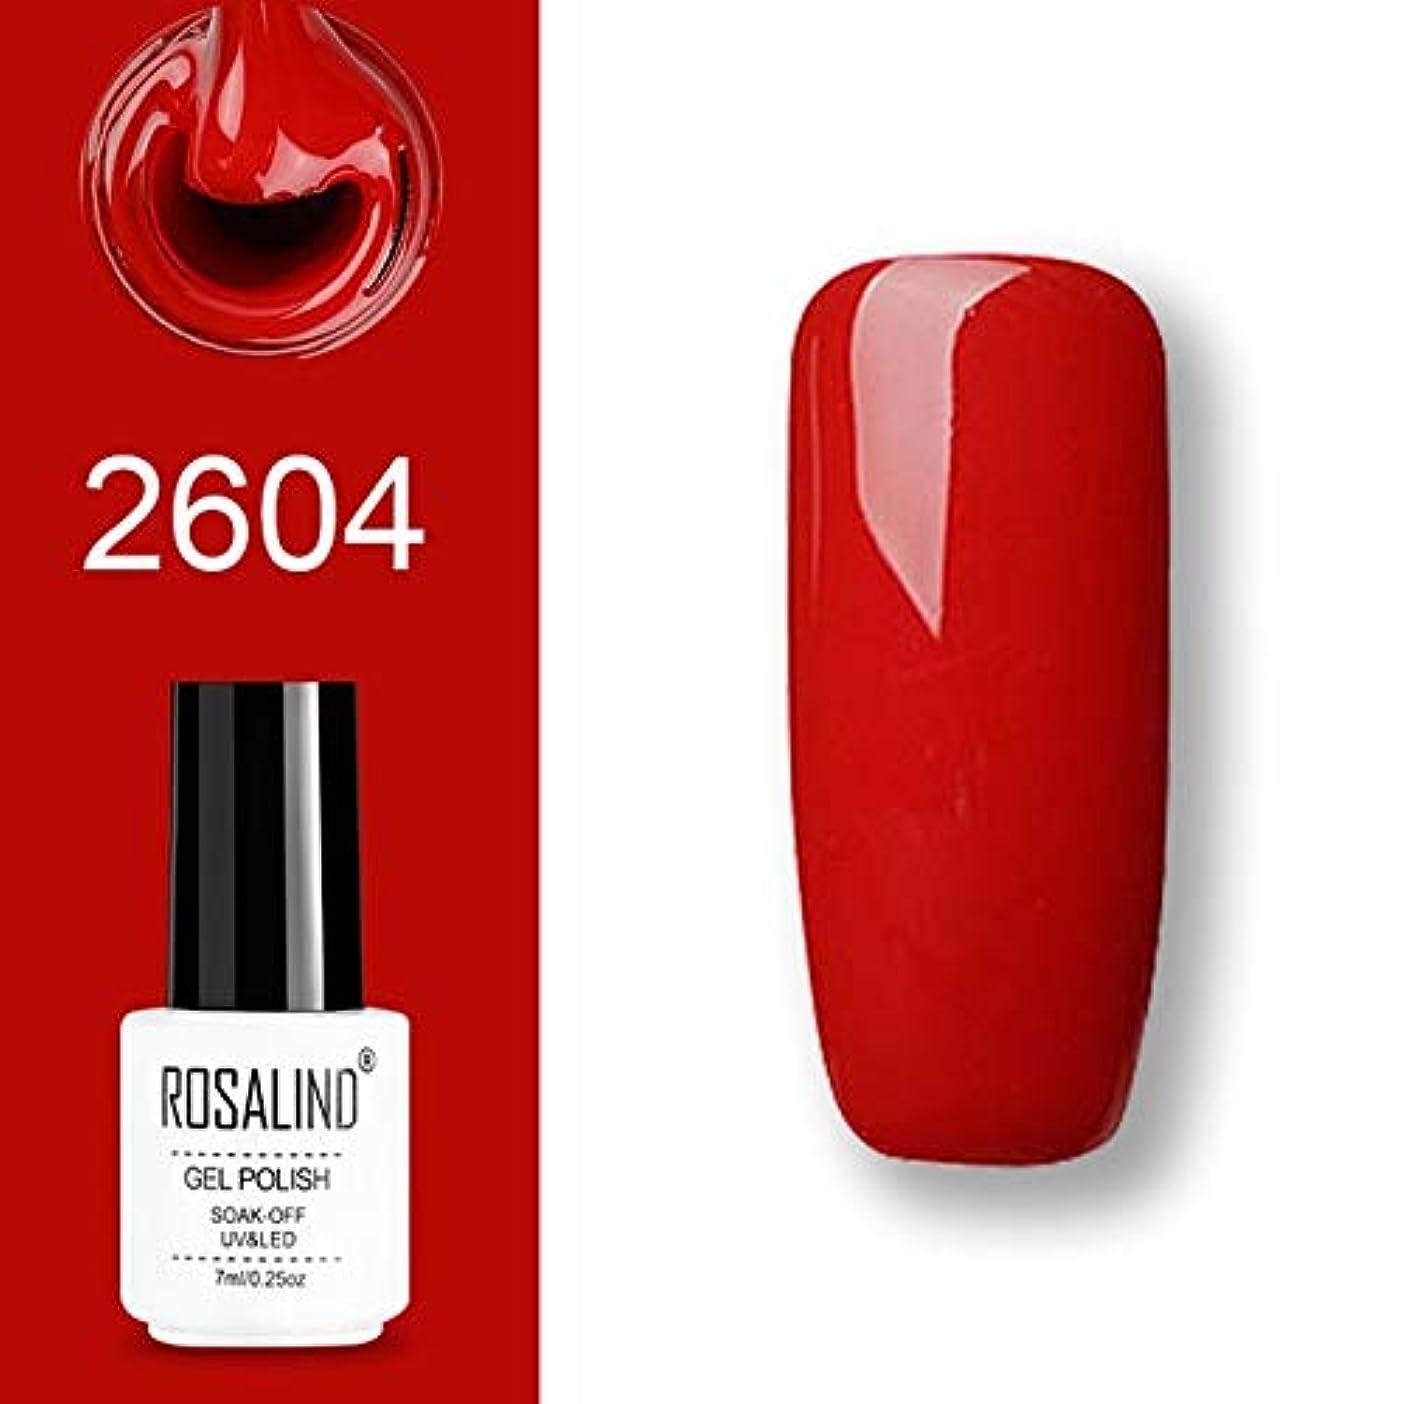 お尻フクロウ湿度ファッションアイテム ROSALINDジェルポリッシュセットUV半永久プライマートップコートポリジェルニスネイルアートマニキュアジェル、容量:7ml 2604ジェルポリッシュ 環境に優しいマニキュア